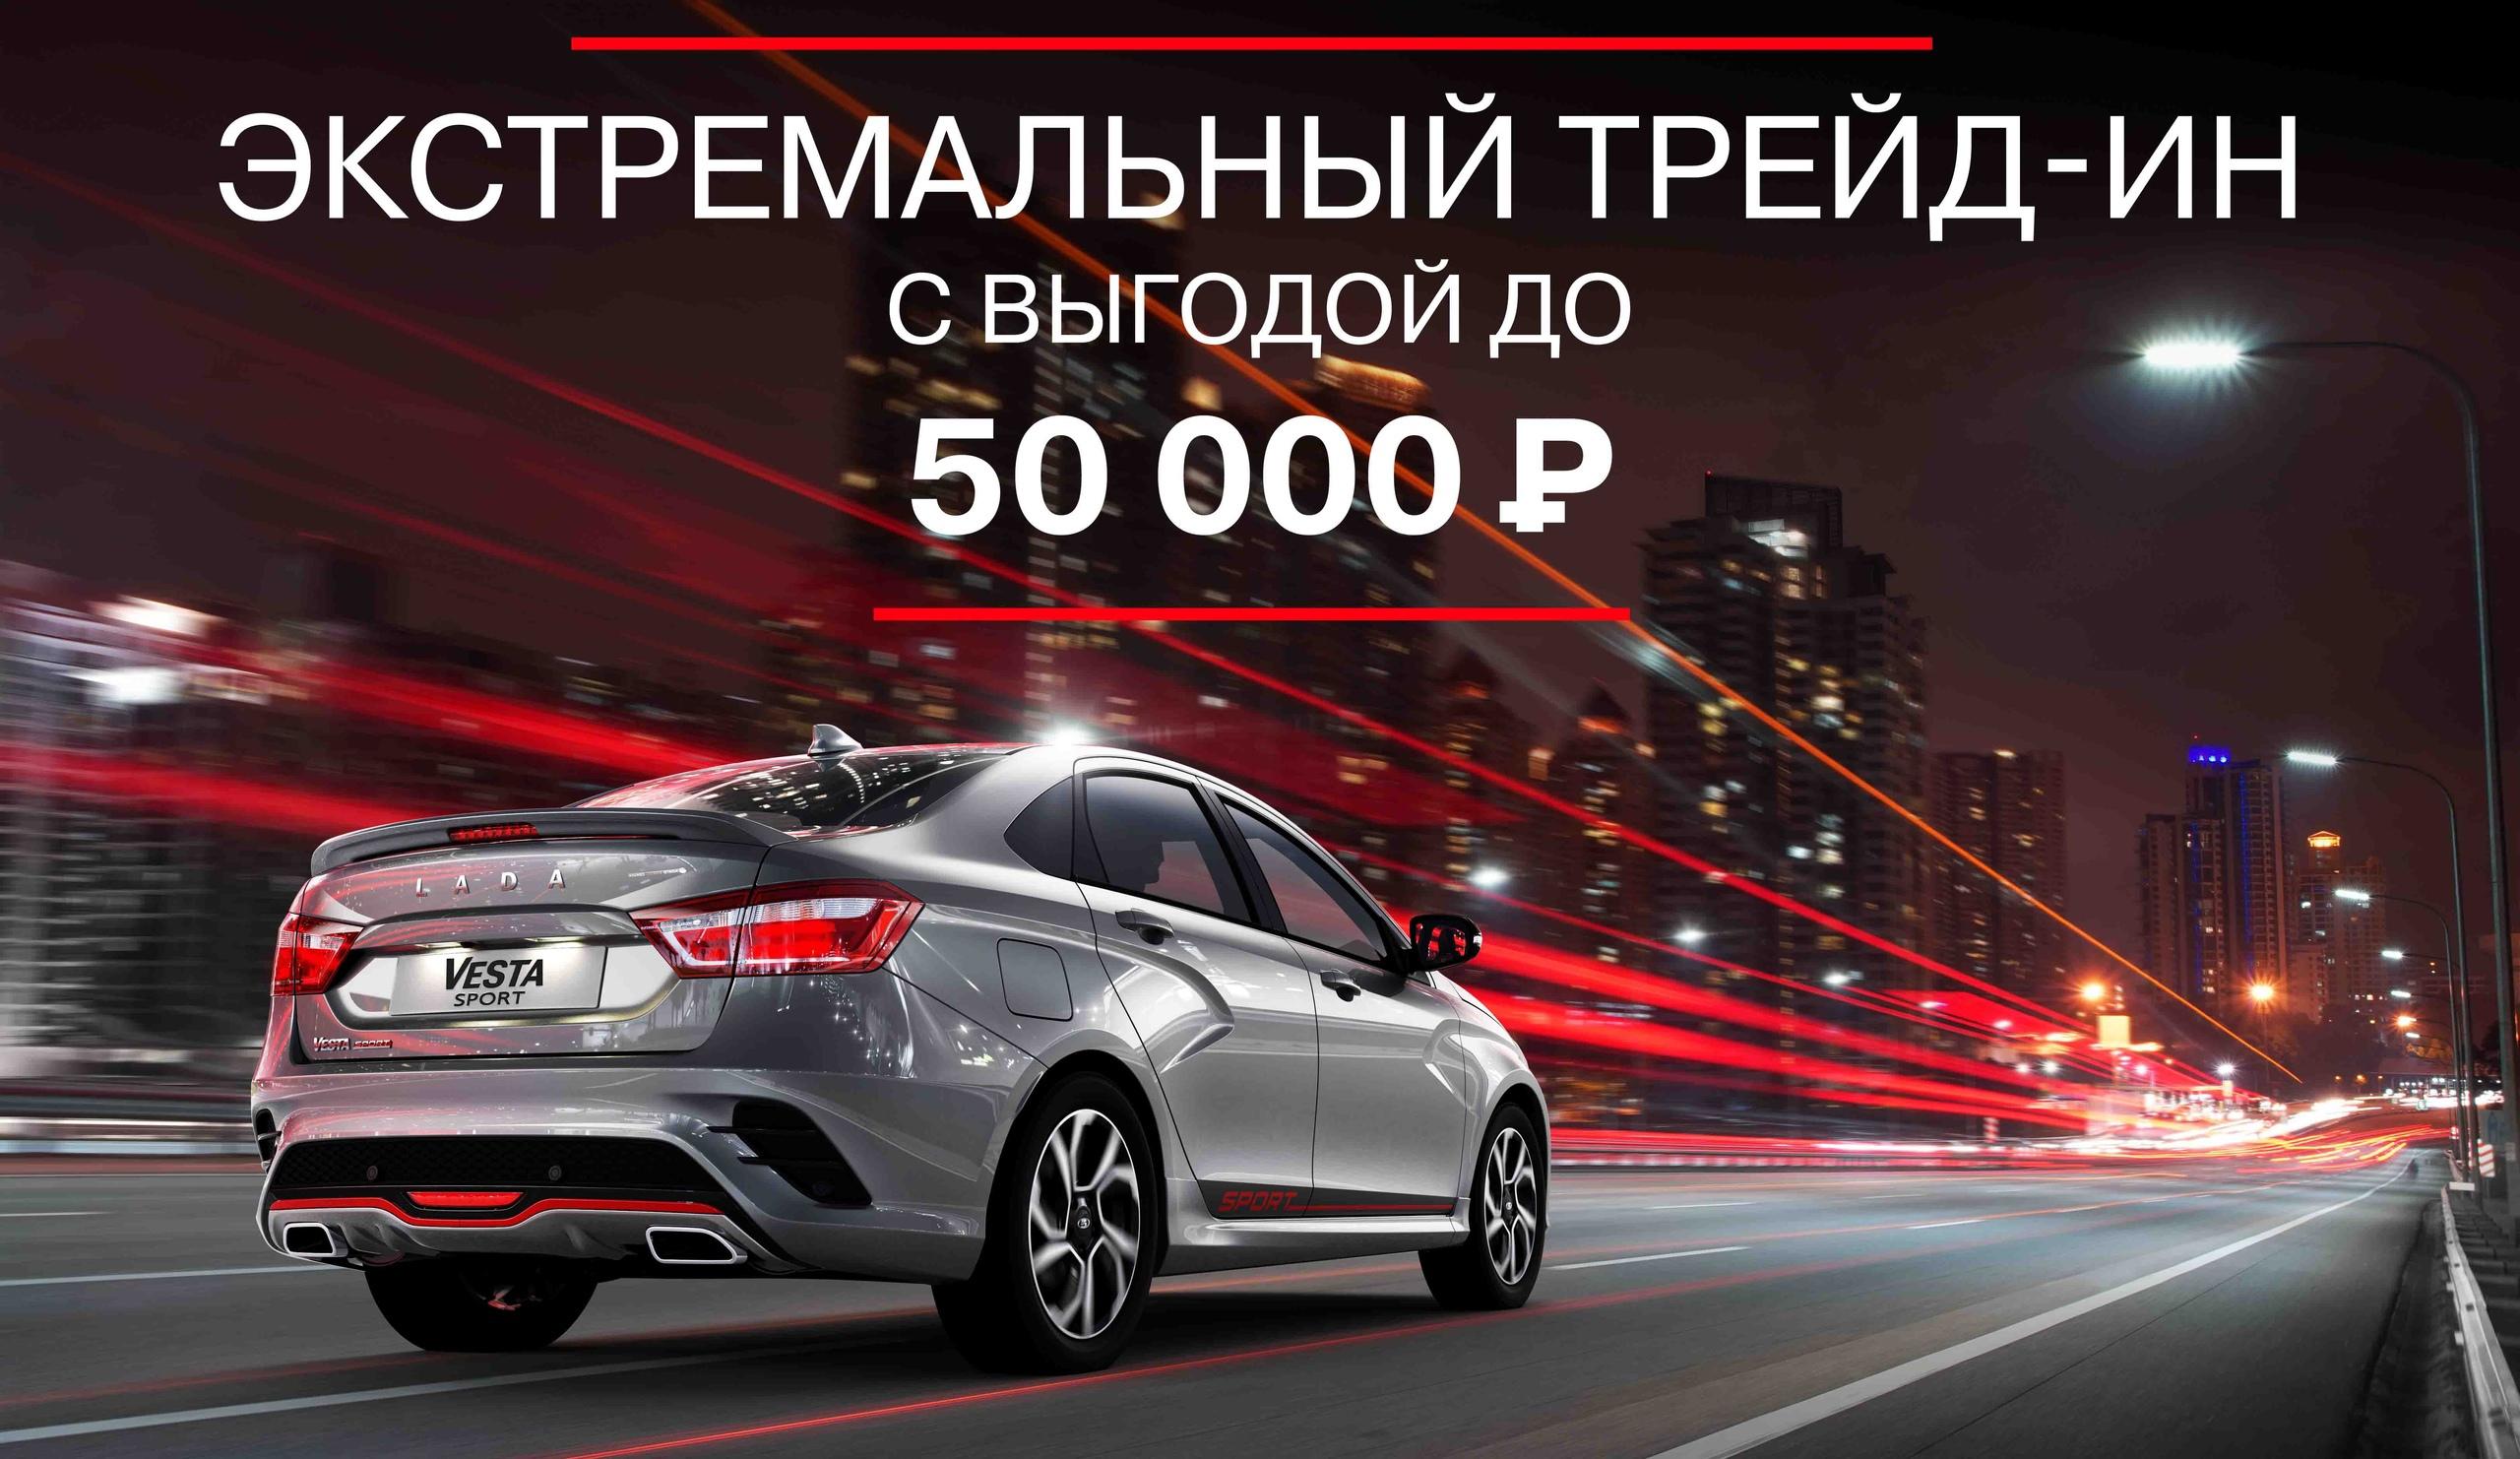 Обменяйте старый автомобиль на новую LADA с выгодой до 50 000 рублей